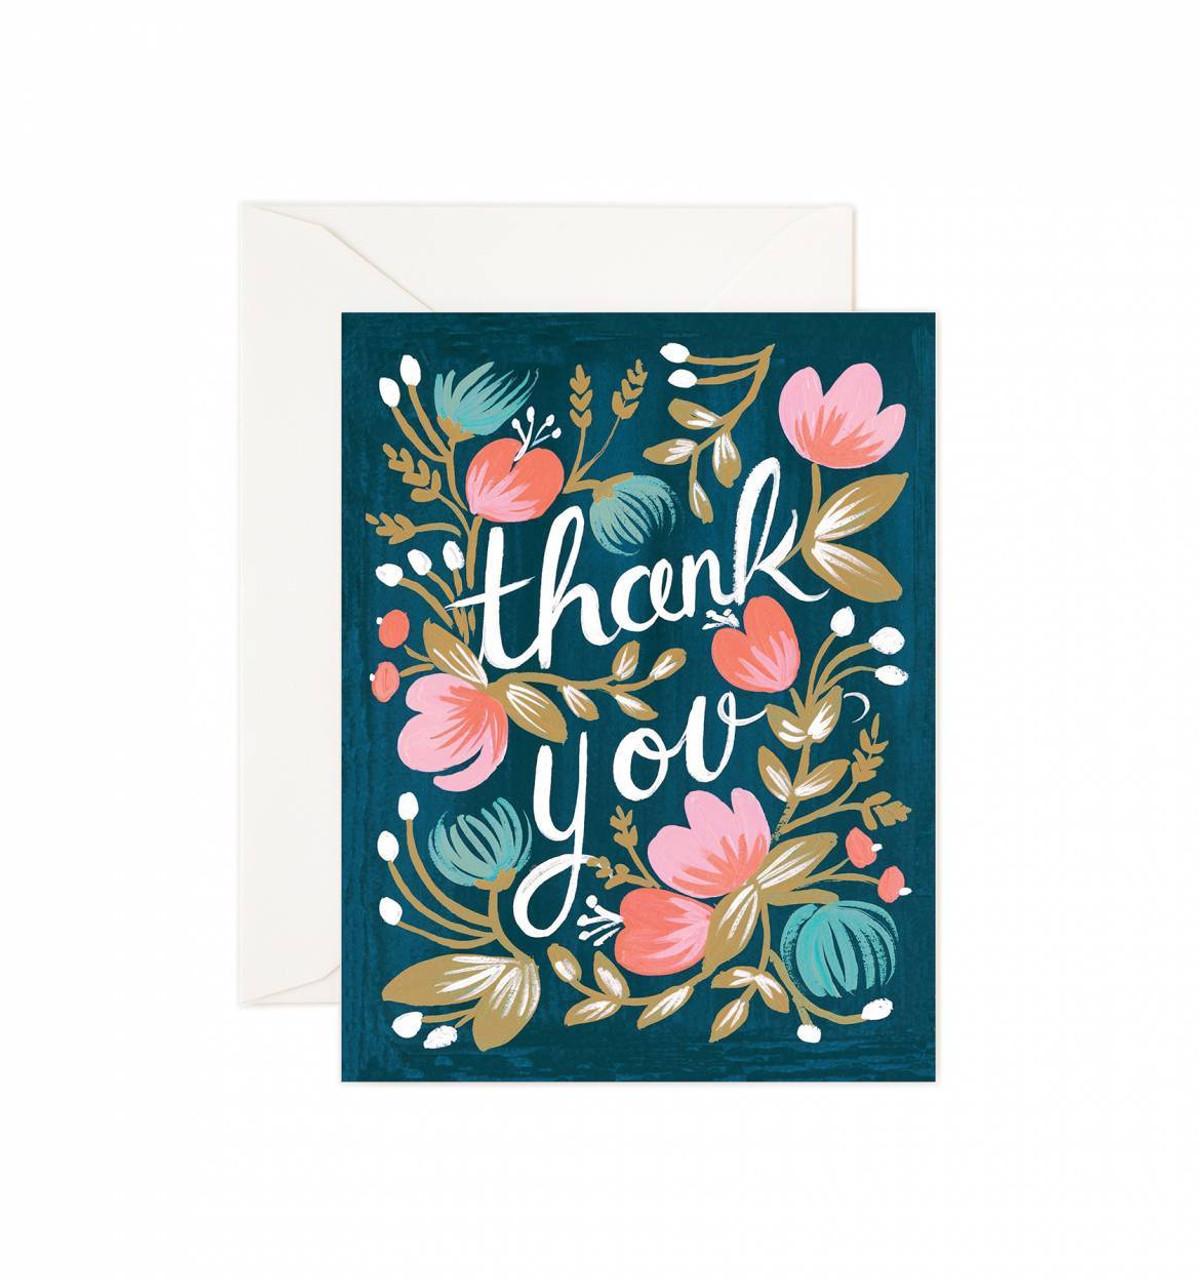 thank you card the beach plum company